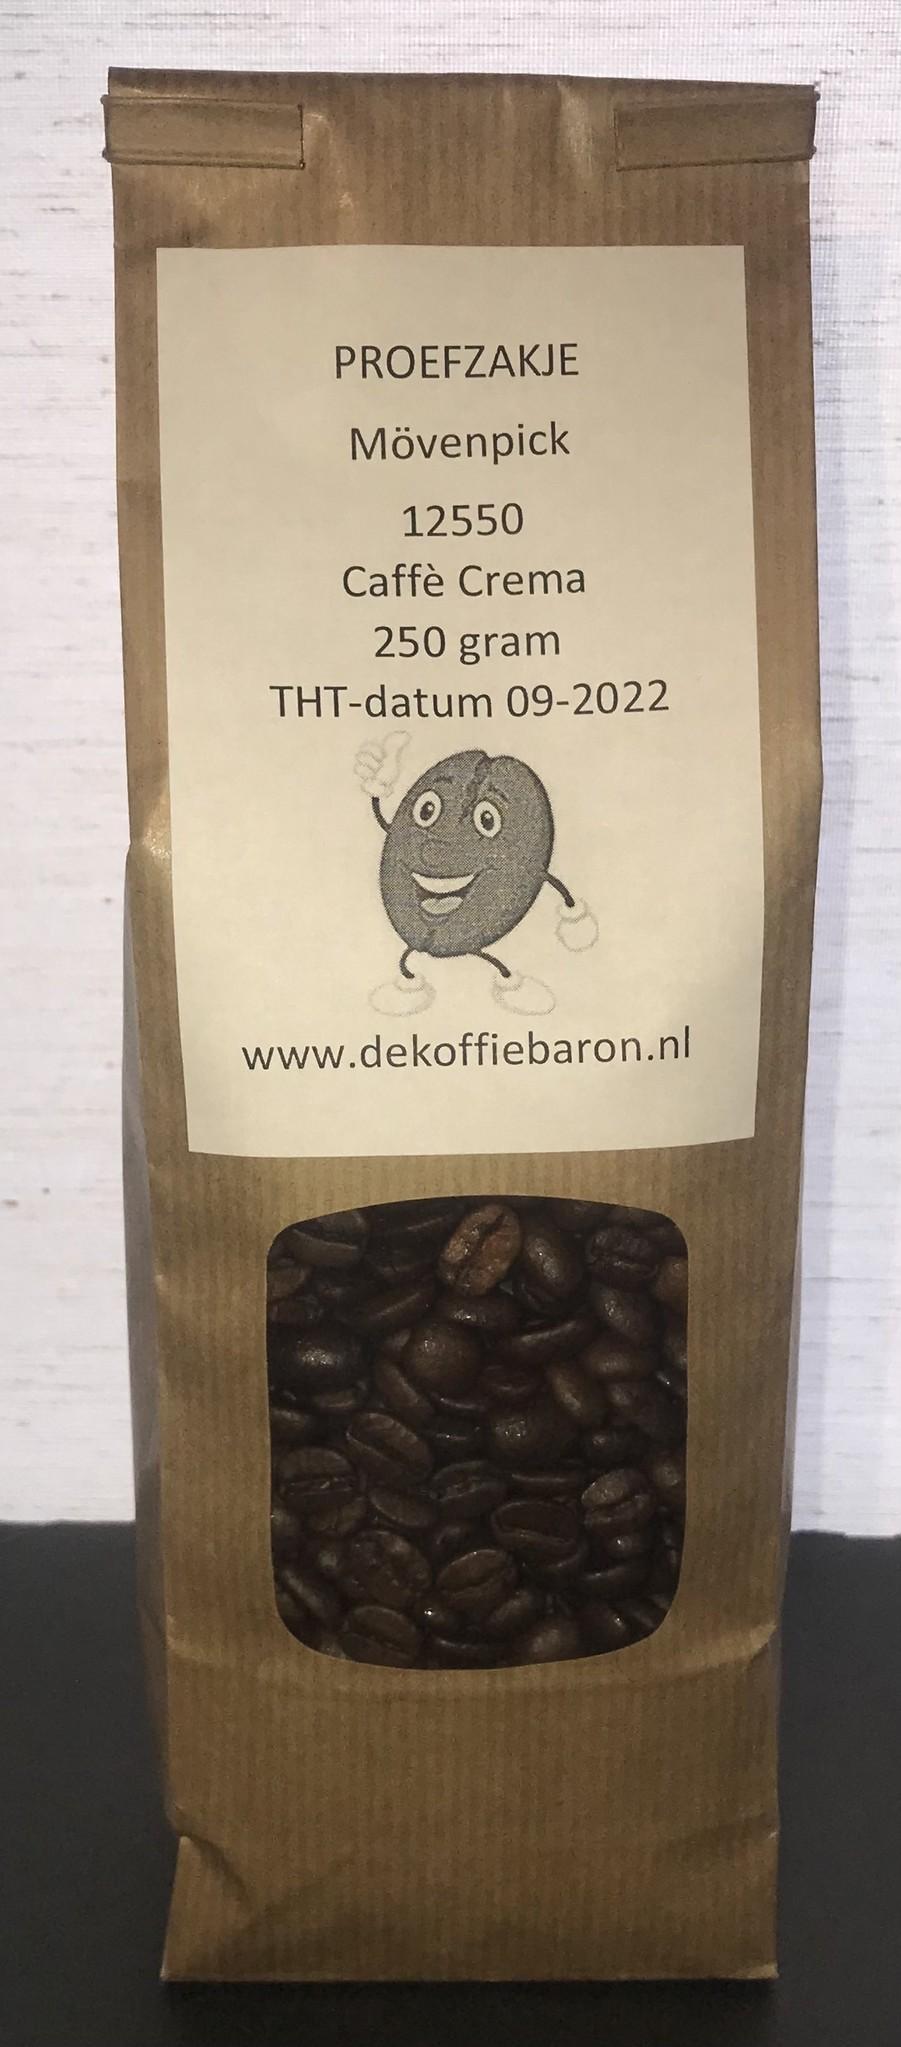 Mövenpick Caffè Crema Bohnen 1 kg ab € 8.06